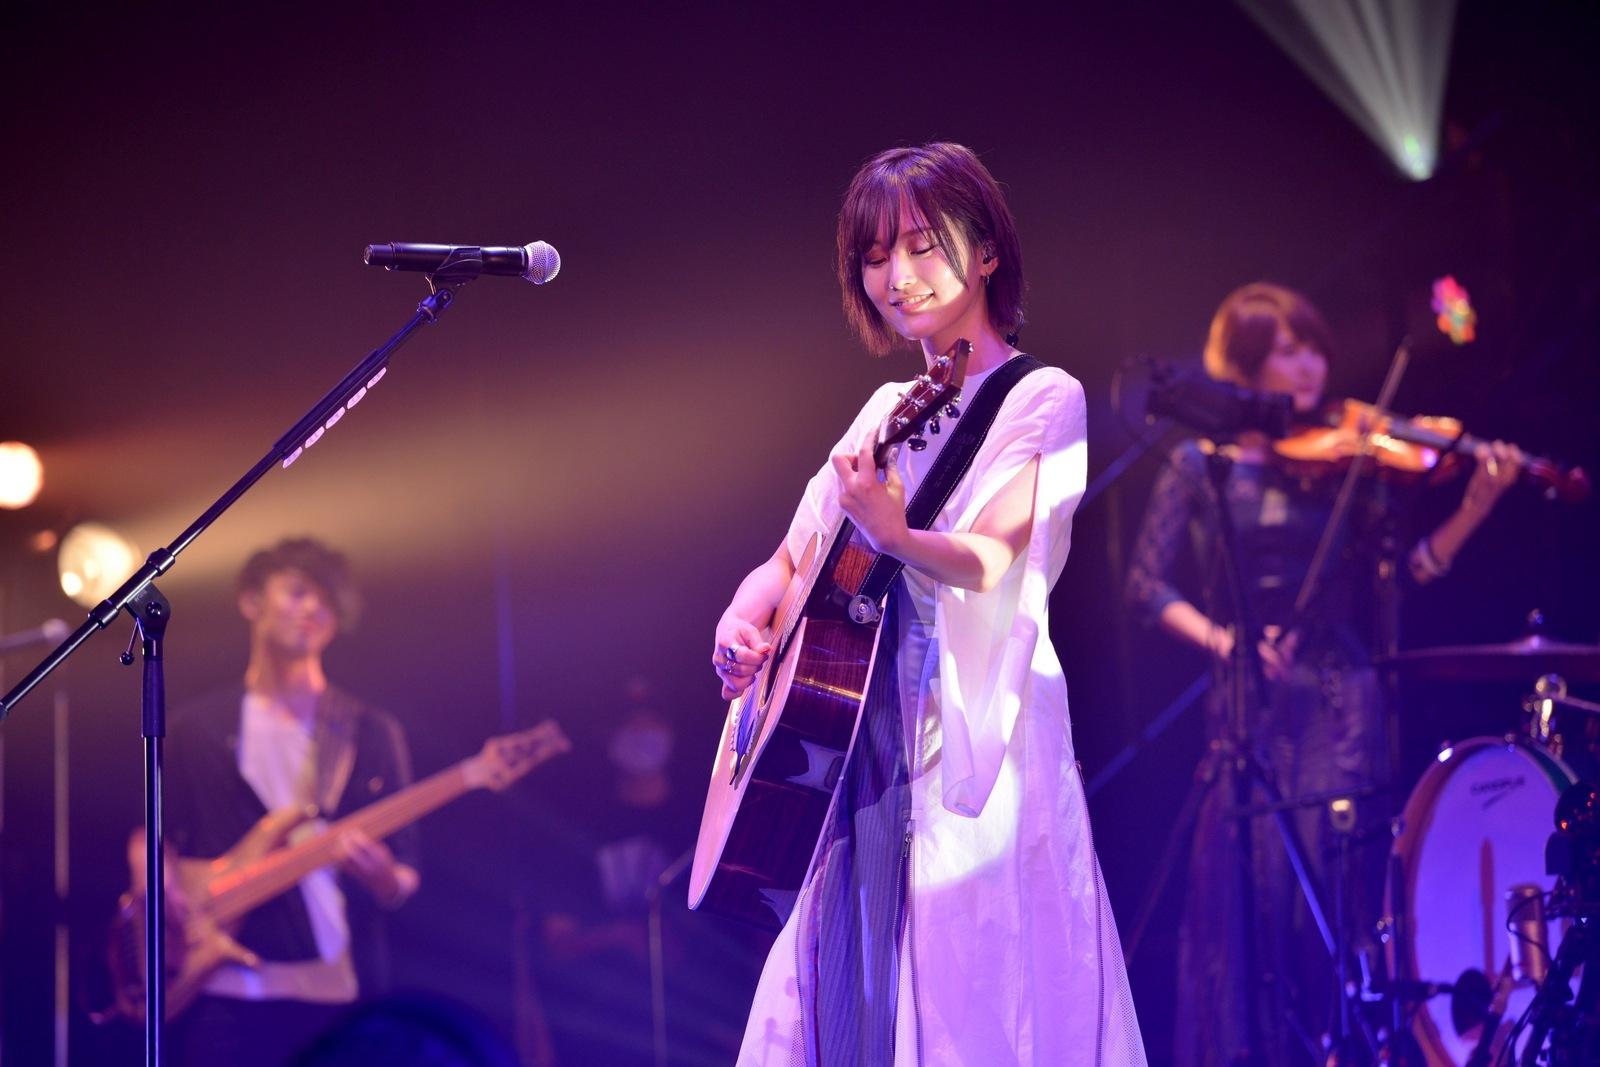 『山本彩 LIVE TOUR 2020 ~ α ~ツアーファイナル』配信ライブレポート